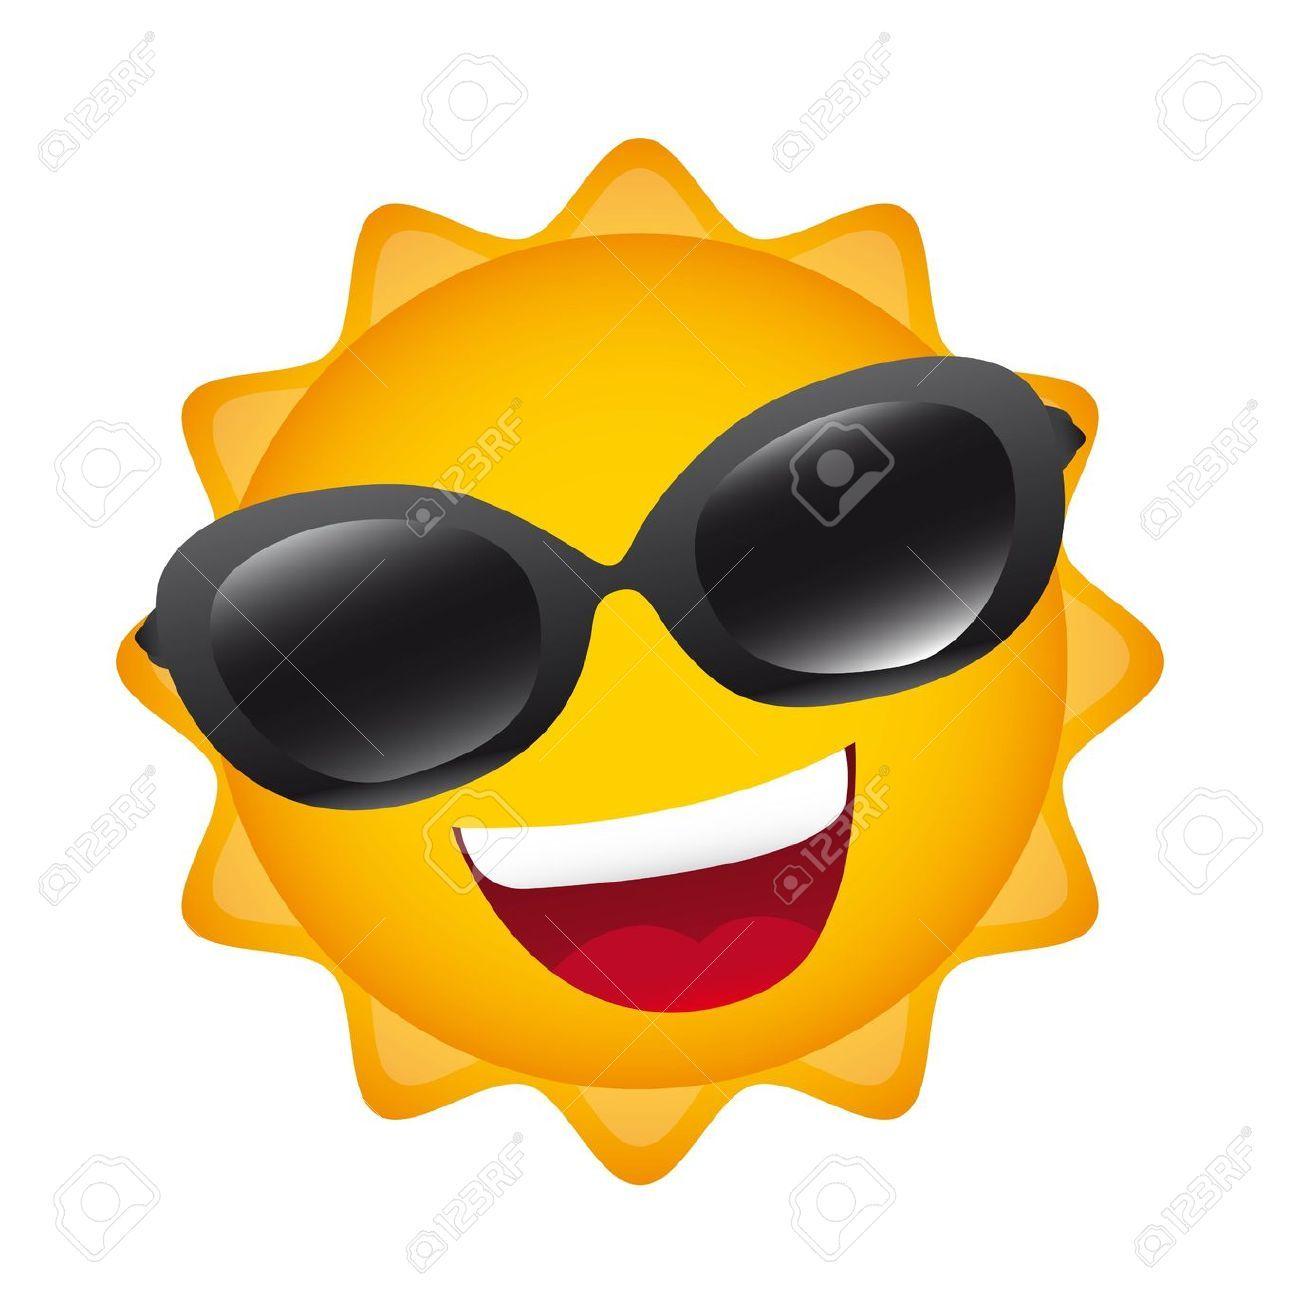 13331850 de dibujos animados sol con gafas de sol aisladas bing free clip art party bing free clip art party